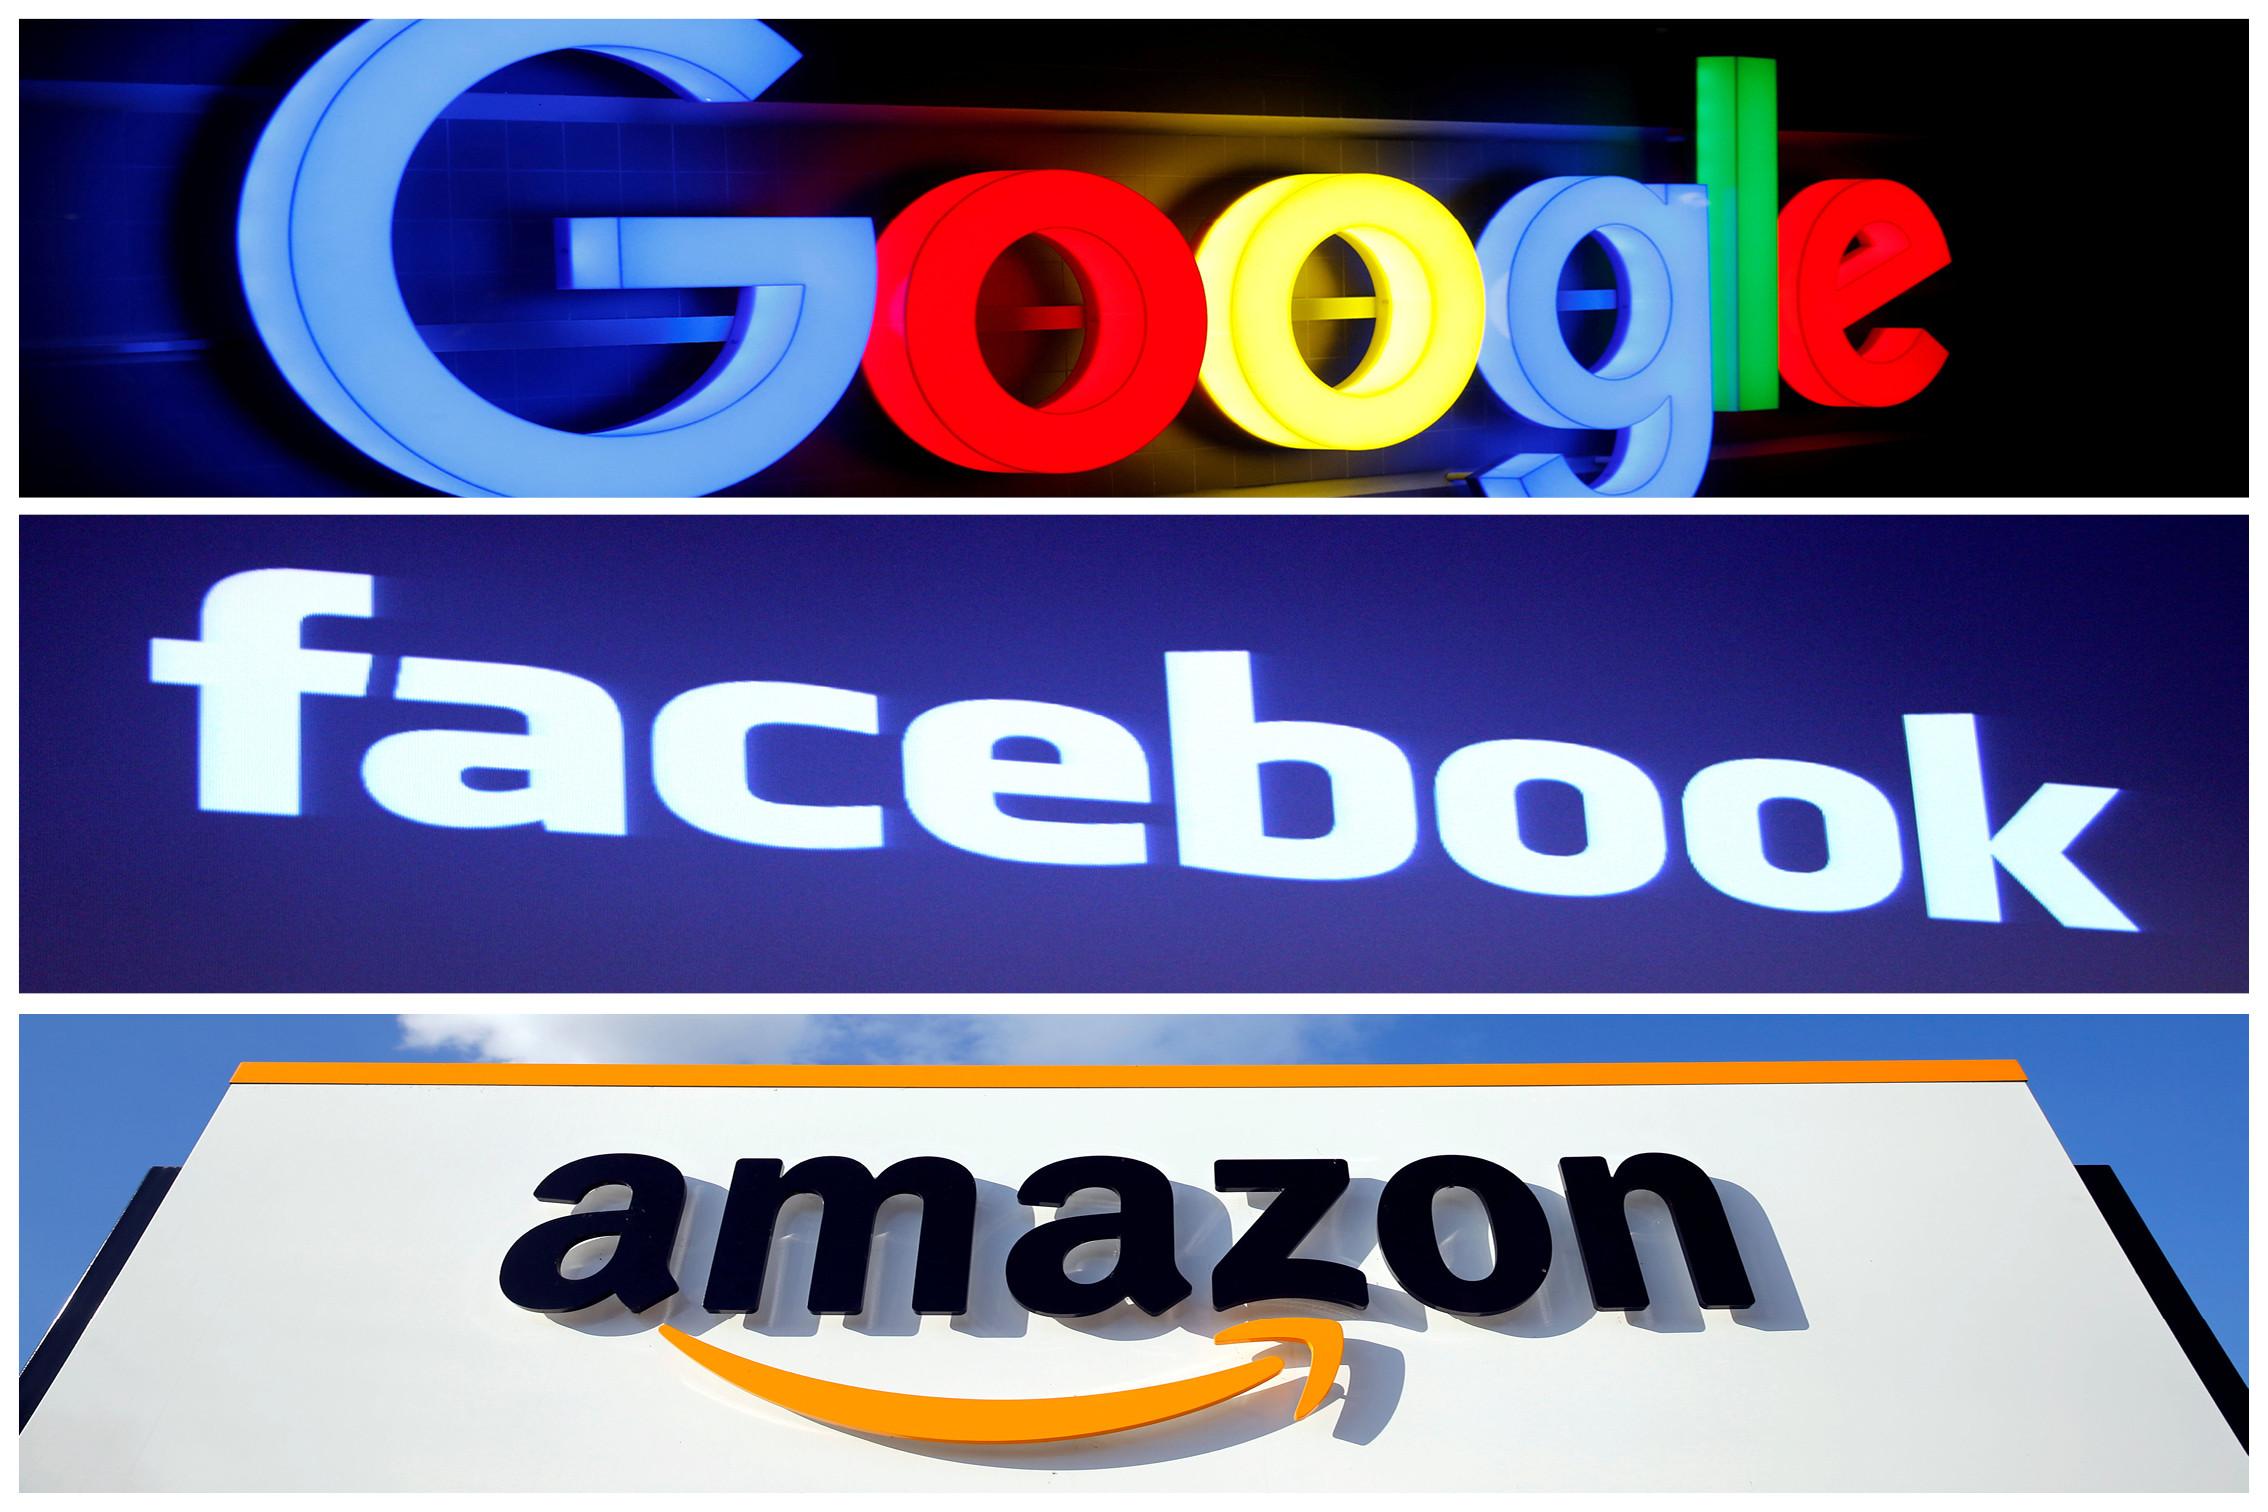 拜登,網路平台,科技,谷歌,臉書,亞馬遜,蘋果,壟斷,獨佔,托拉斯,經濟學,芝加哥學派,貿易